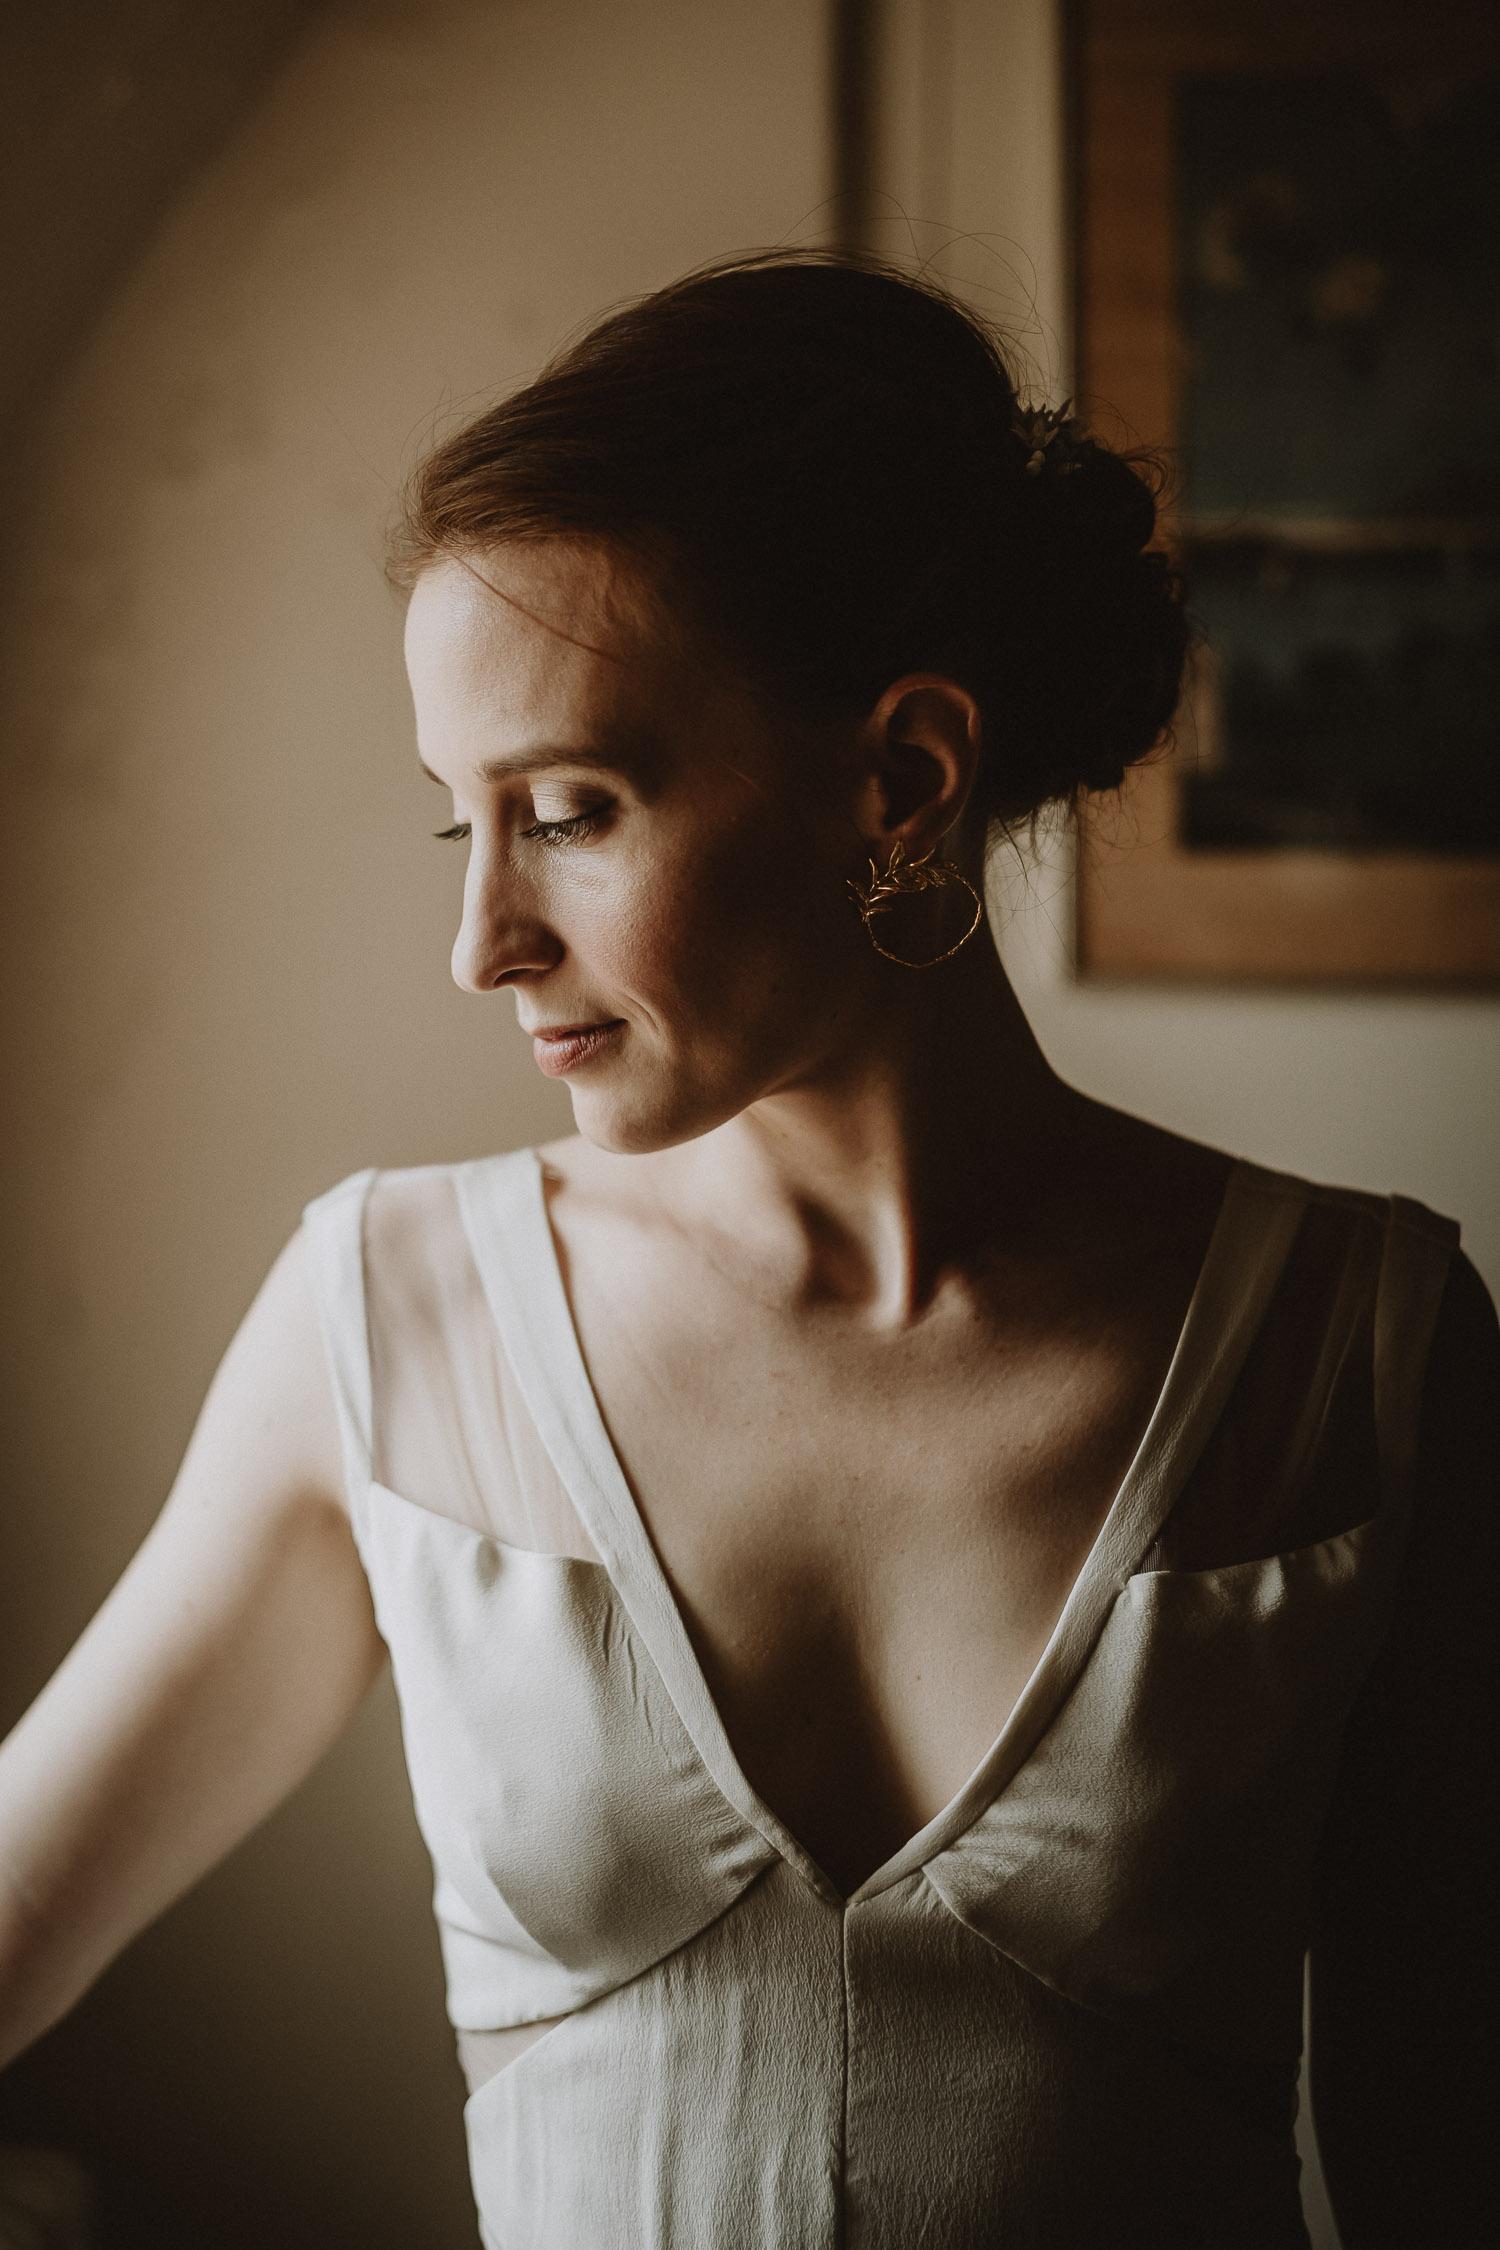 portrait de la mariée du mariage automnal au domaine du chateau de verderonne photographié par samantha guillon